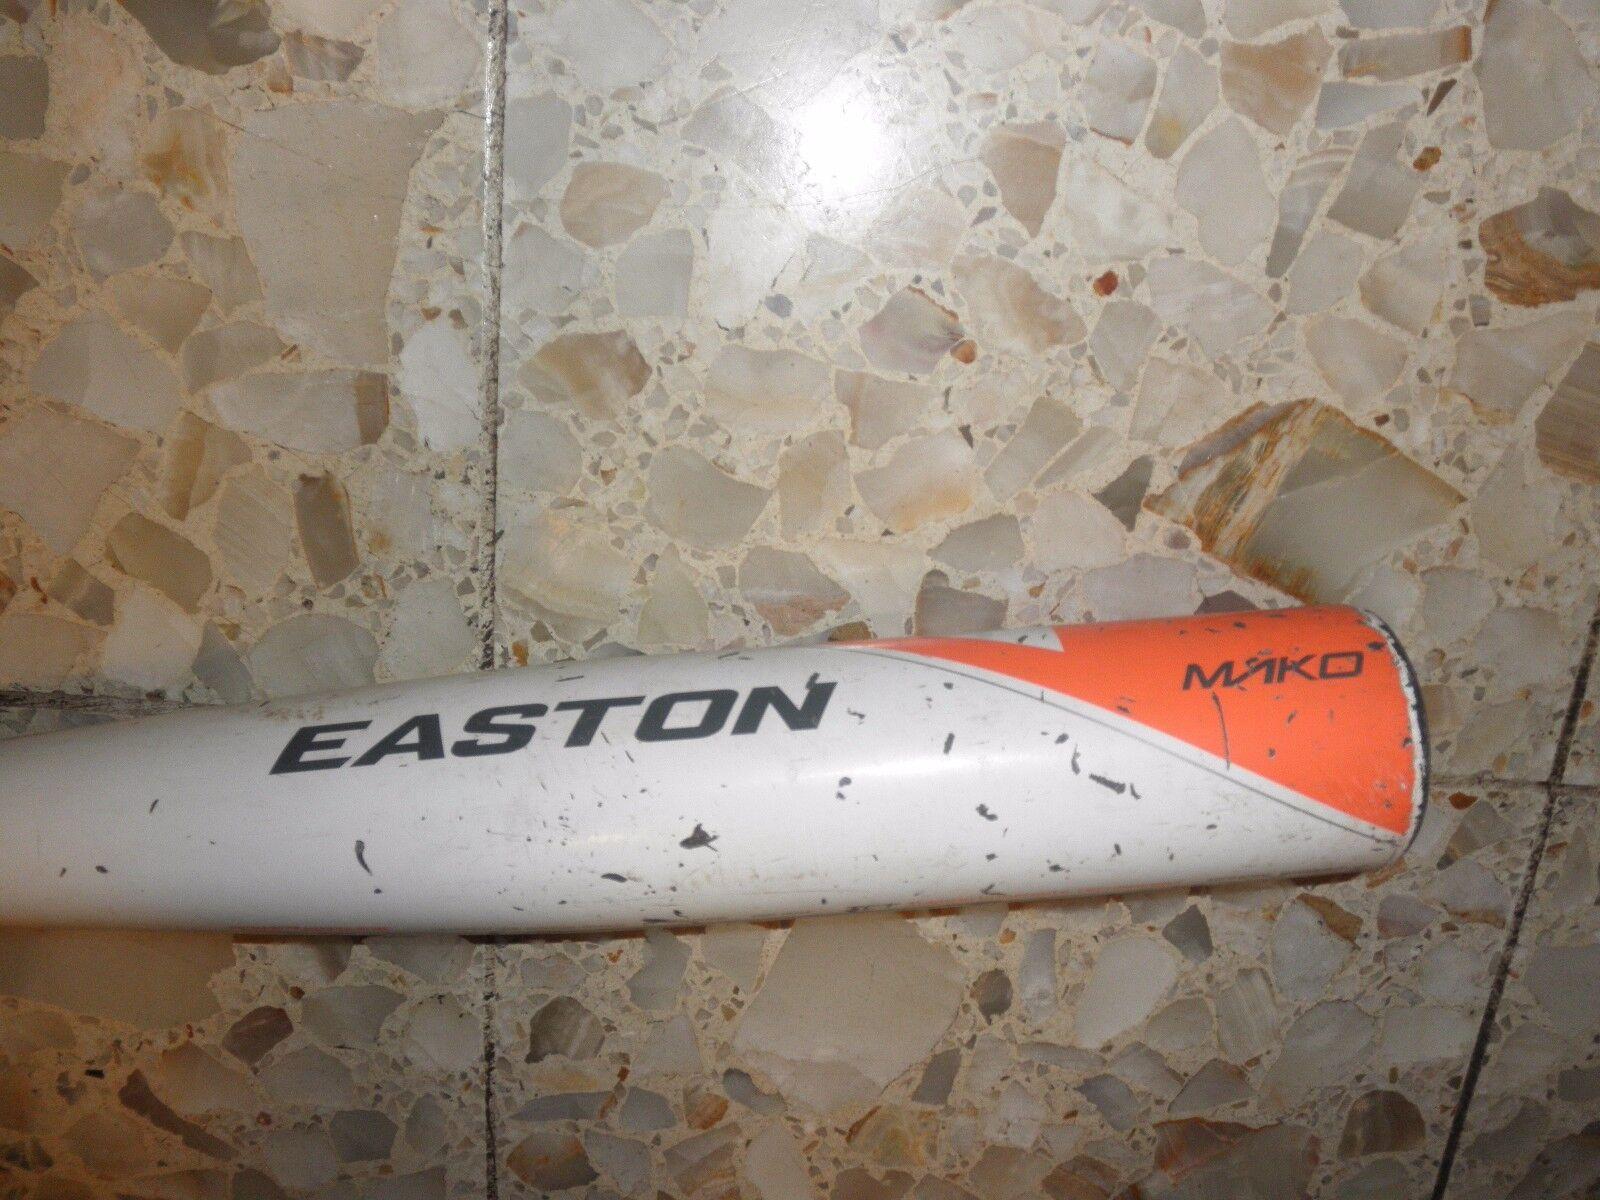 Easton Mako béisbol bate de béisbol Mako brigada de potencia de 33L 30w barril 2 5/8 D -3 60441b